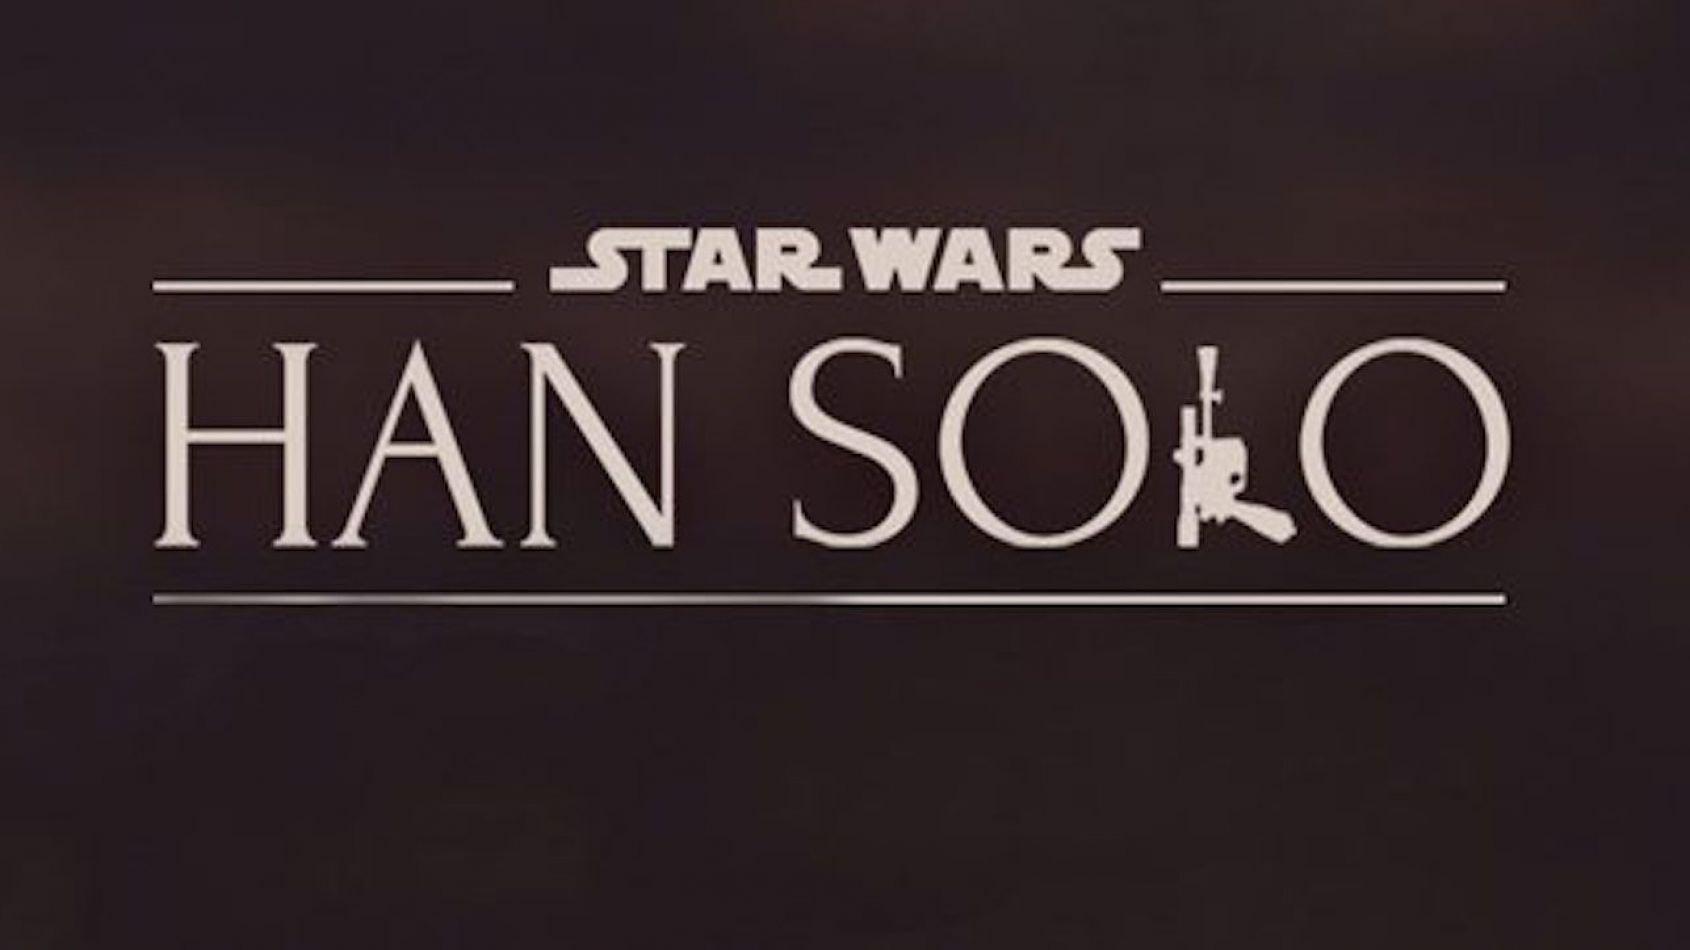 Des concepts arts du spin off Han Solo en vente sur eBay?